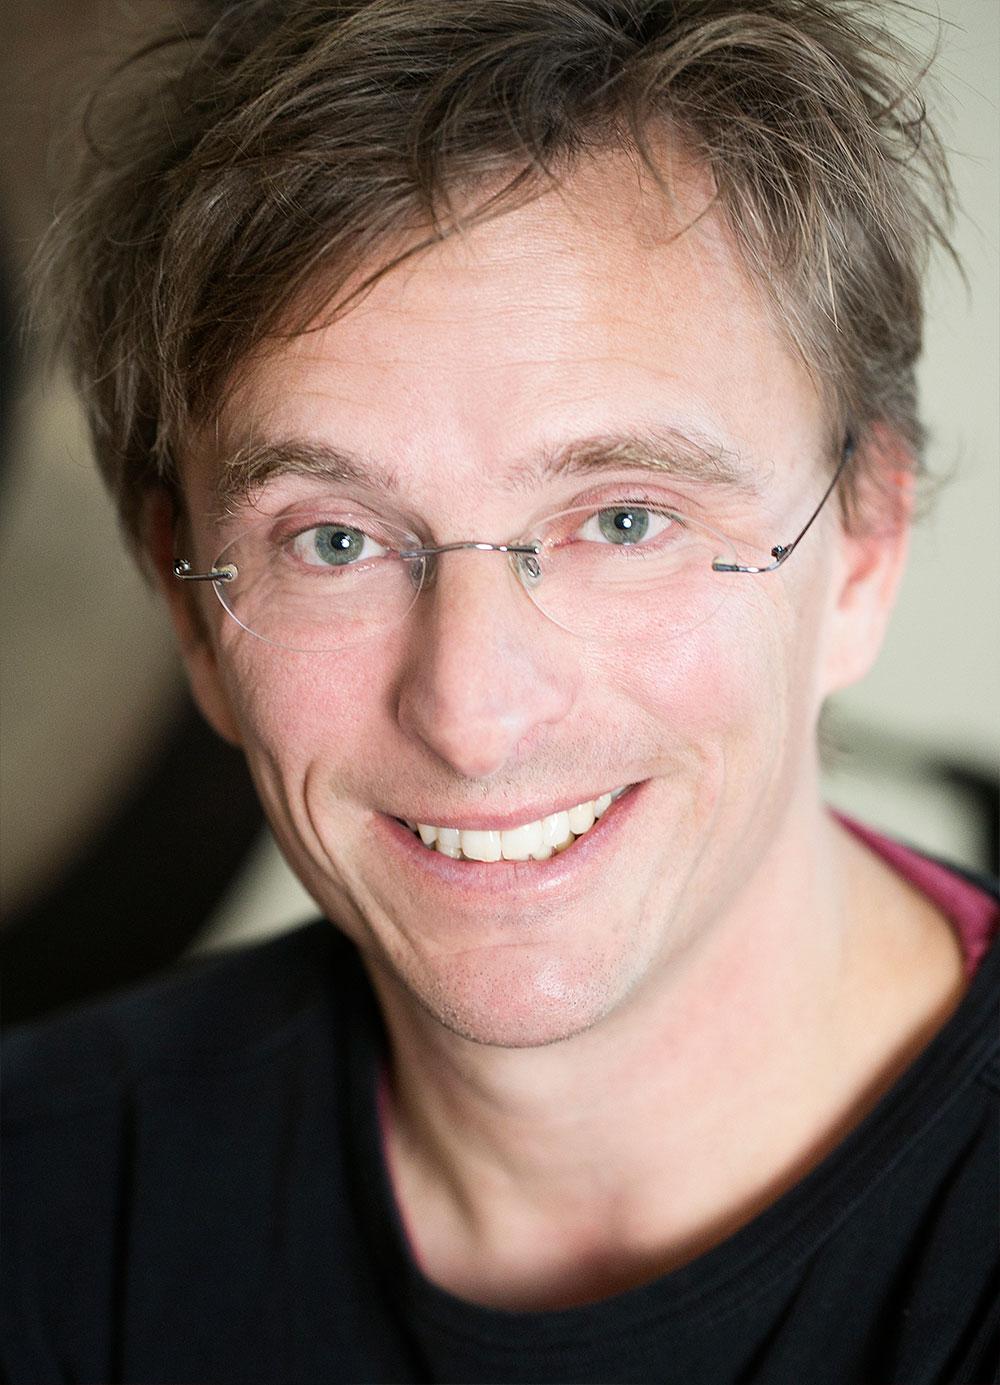 Dirk Witthus